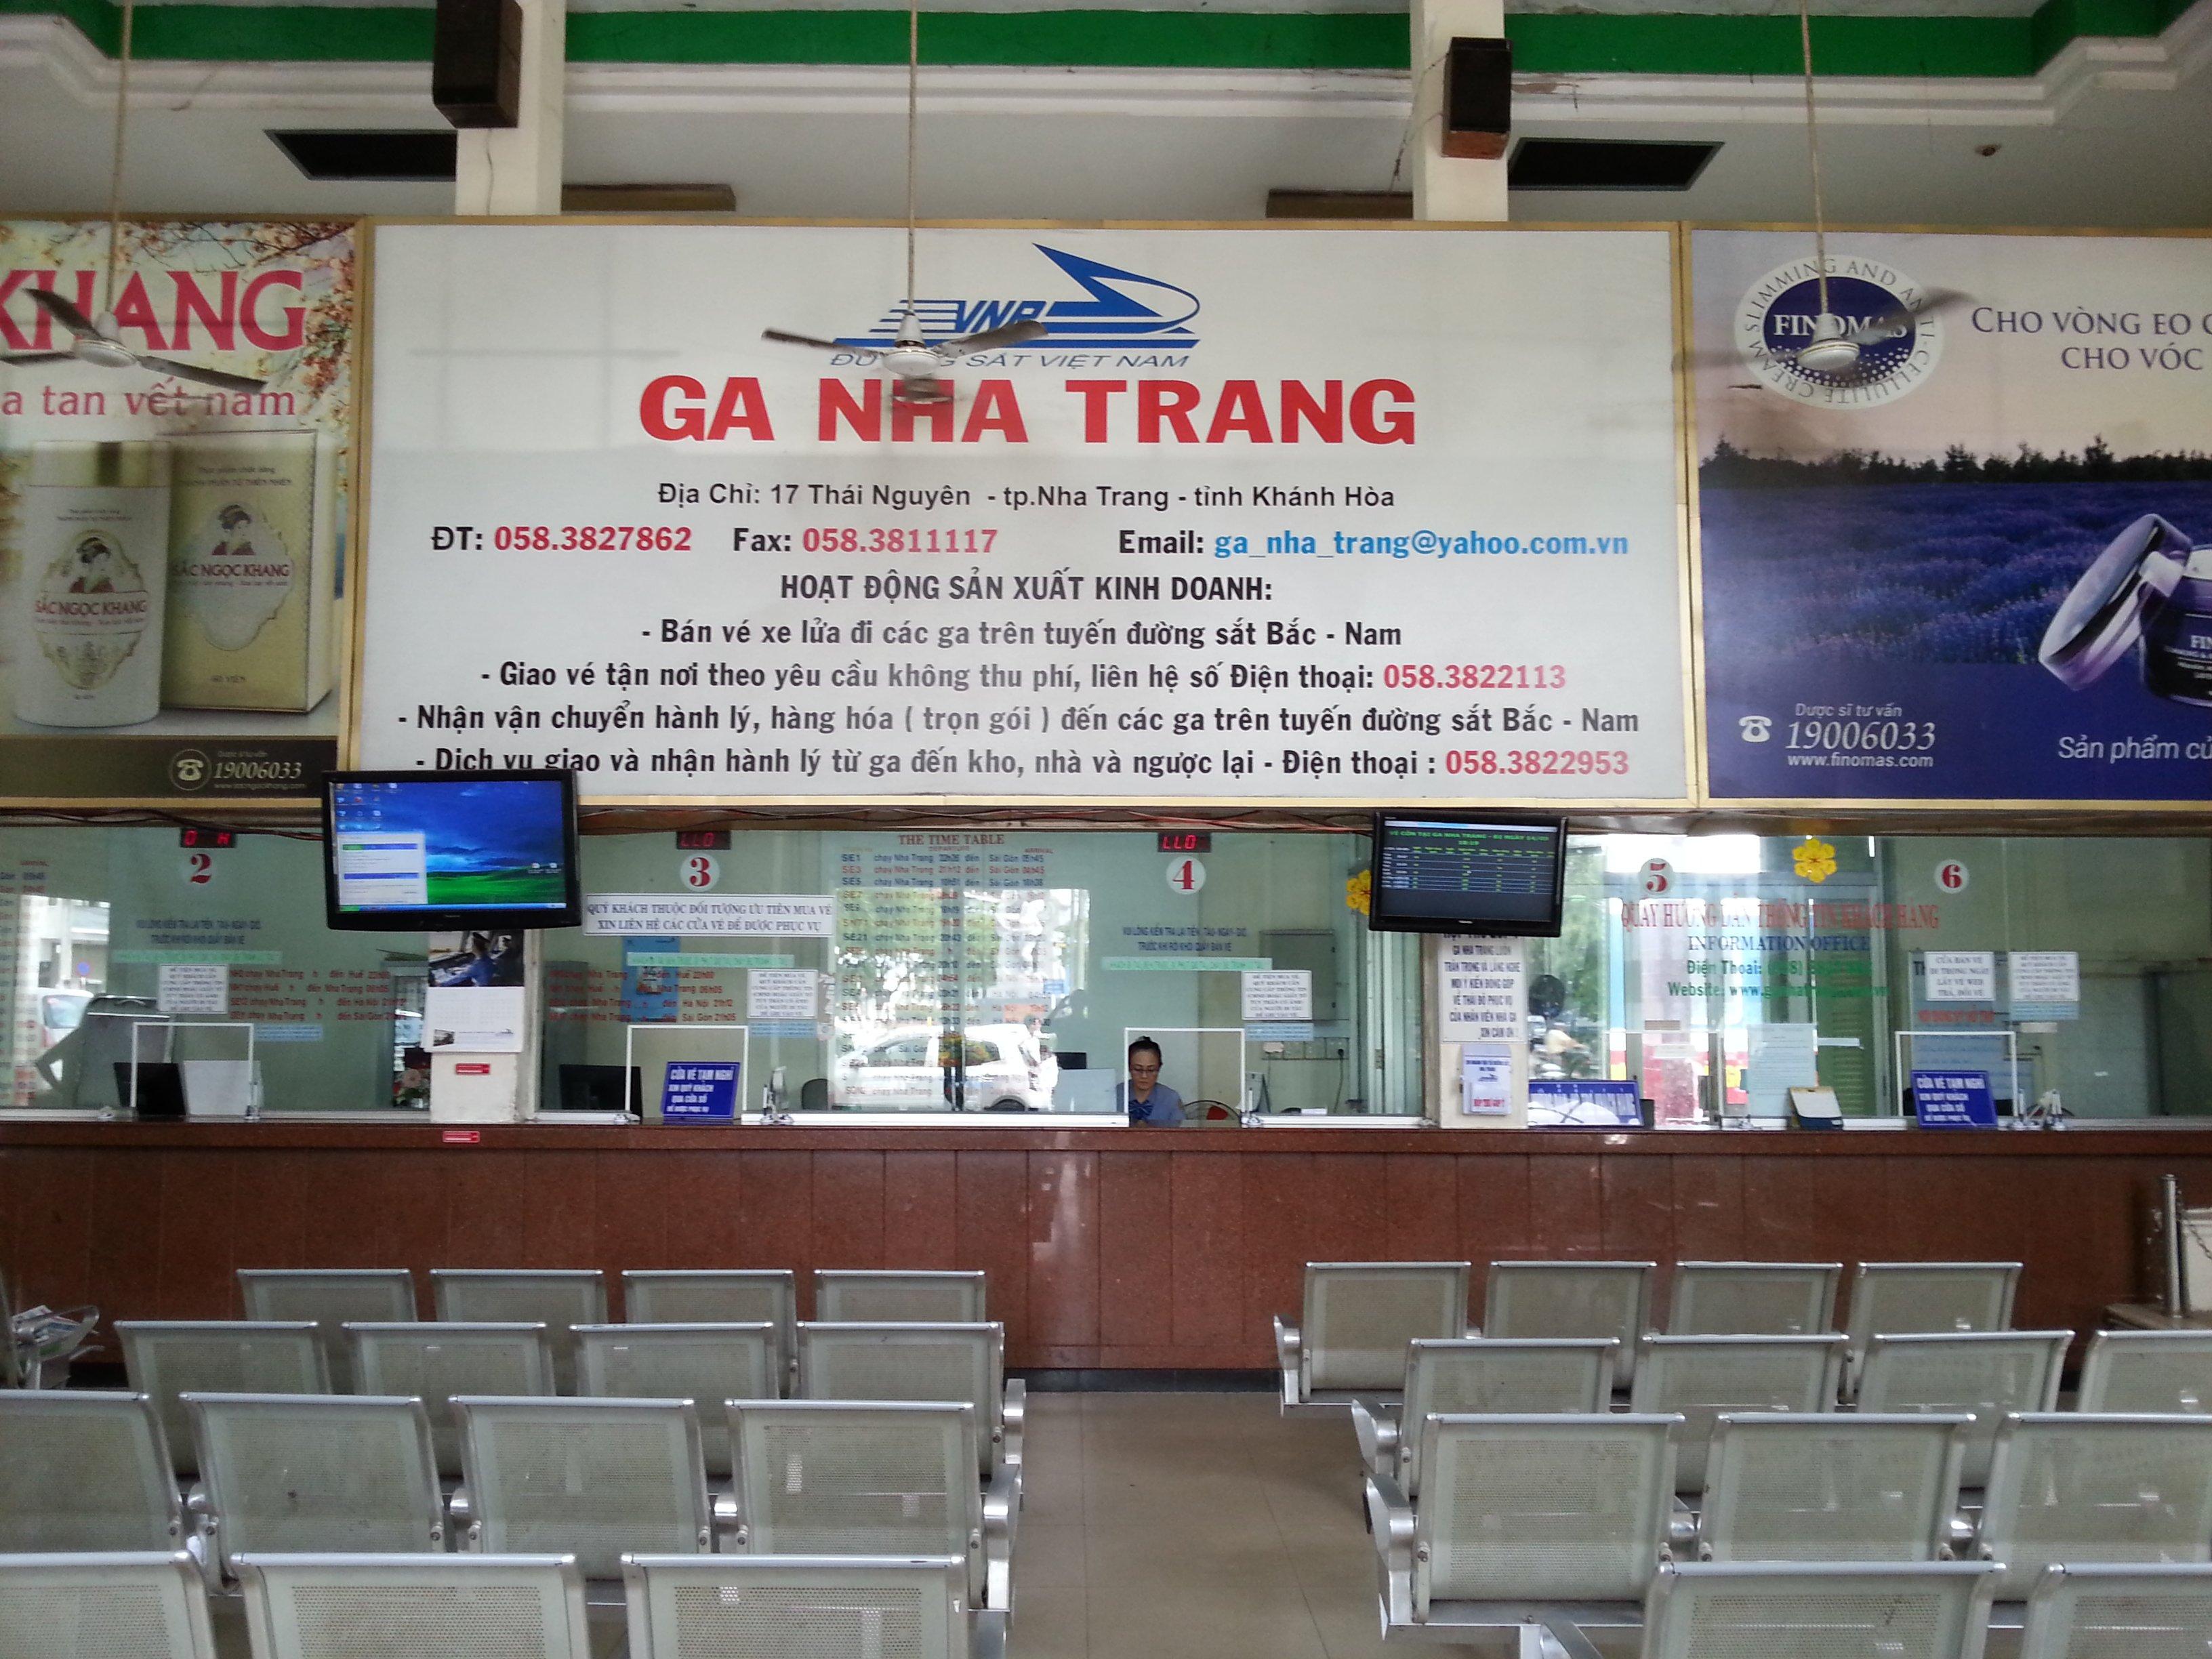 Ticket counters at Nha Trang Train Station